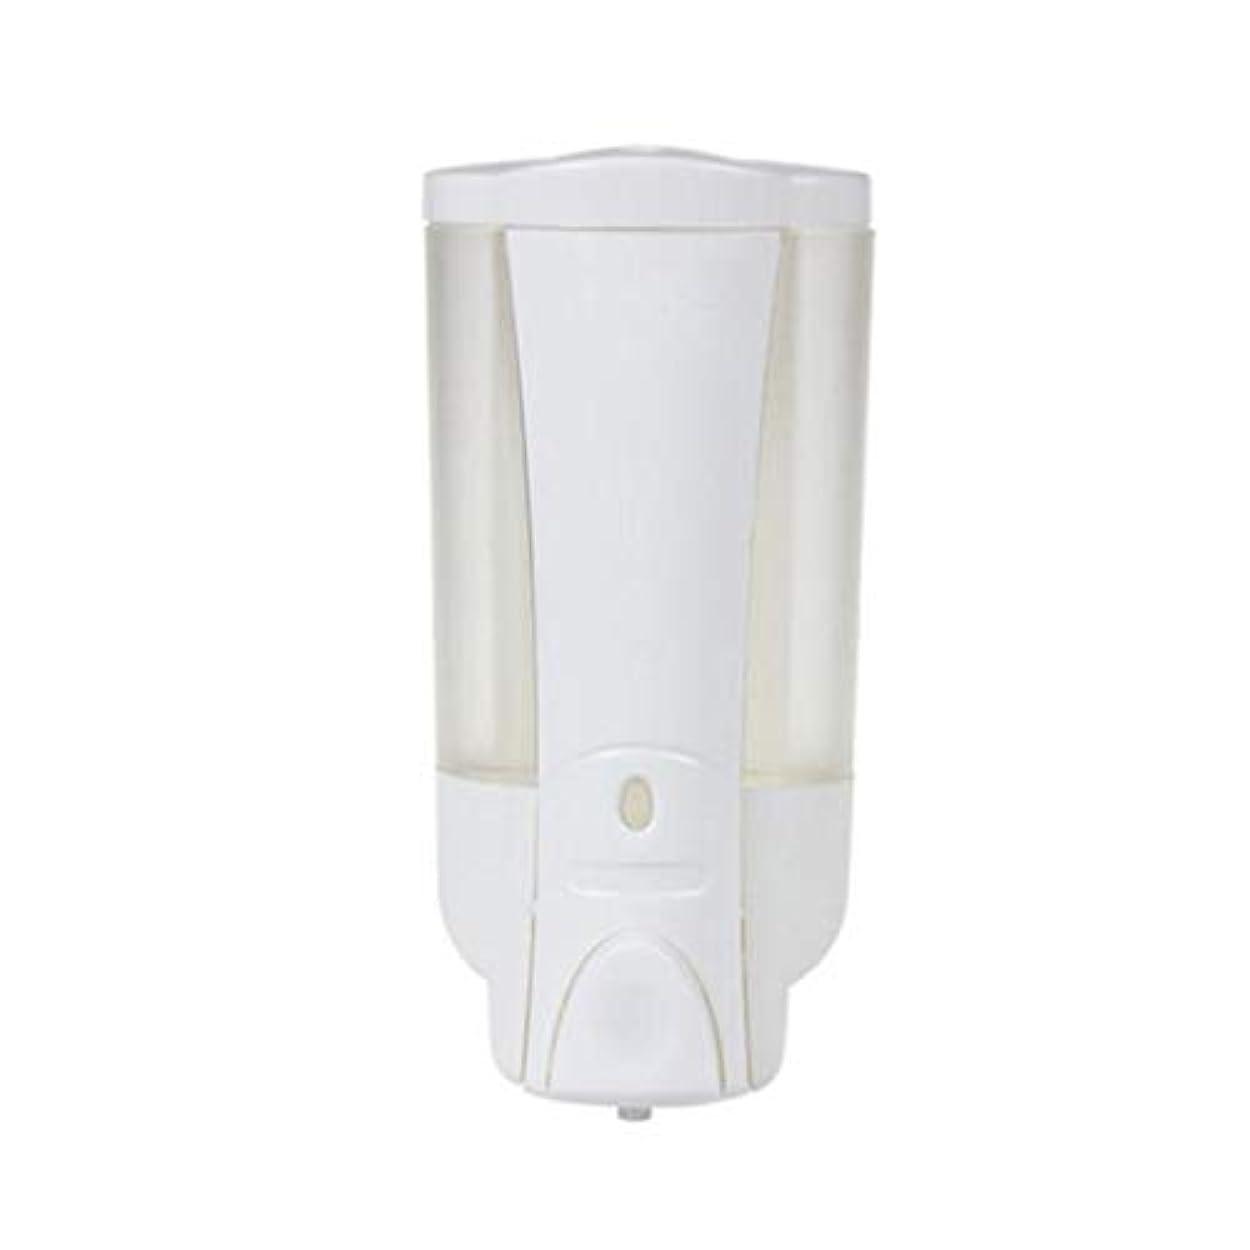 動識別するカートKylinssh 泡立つ石鹸ディスペンサー450ml容量、石鹸、DIY液体石鹸、皿石鹸、ボディウォッシュなどに使用するための空のプラスチック液体石鹸ポンプボトル